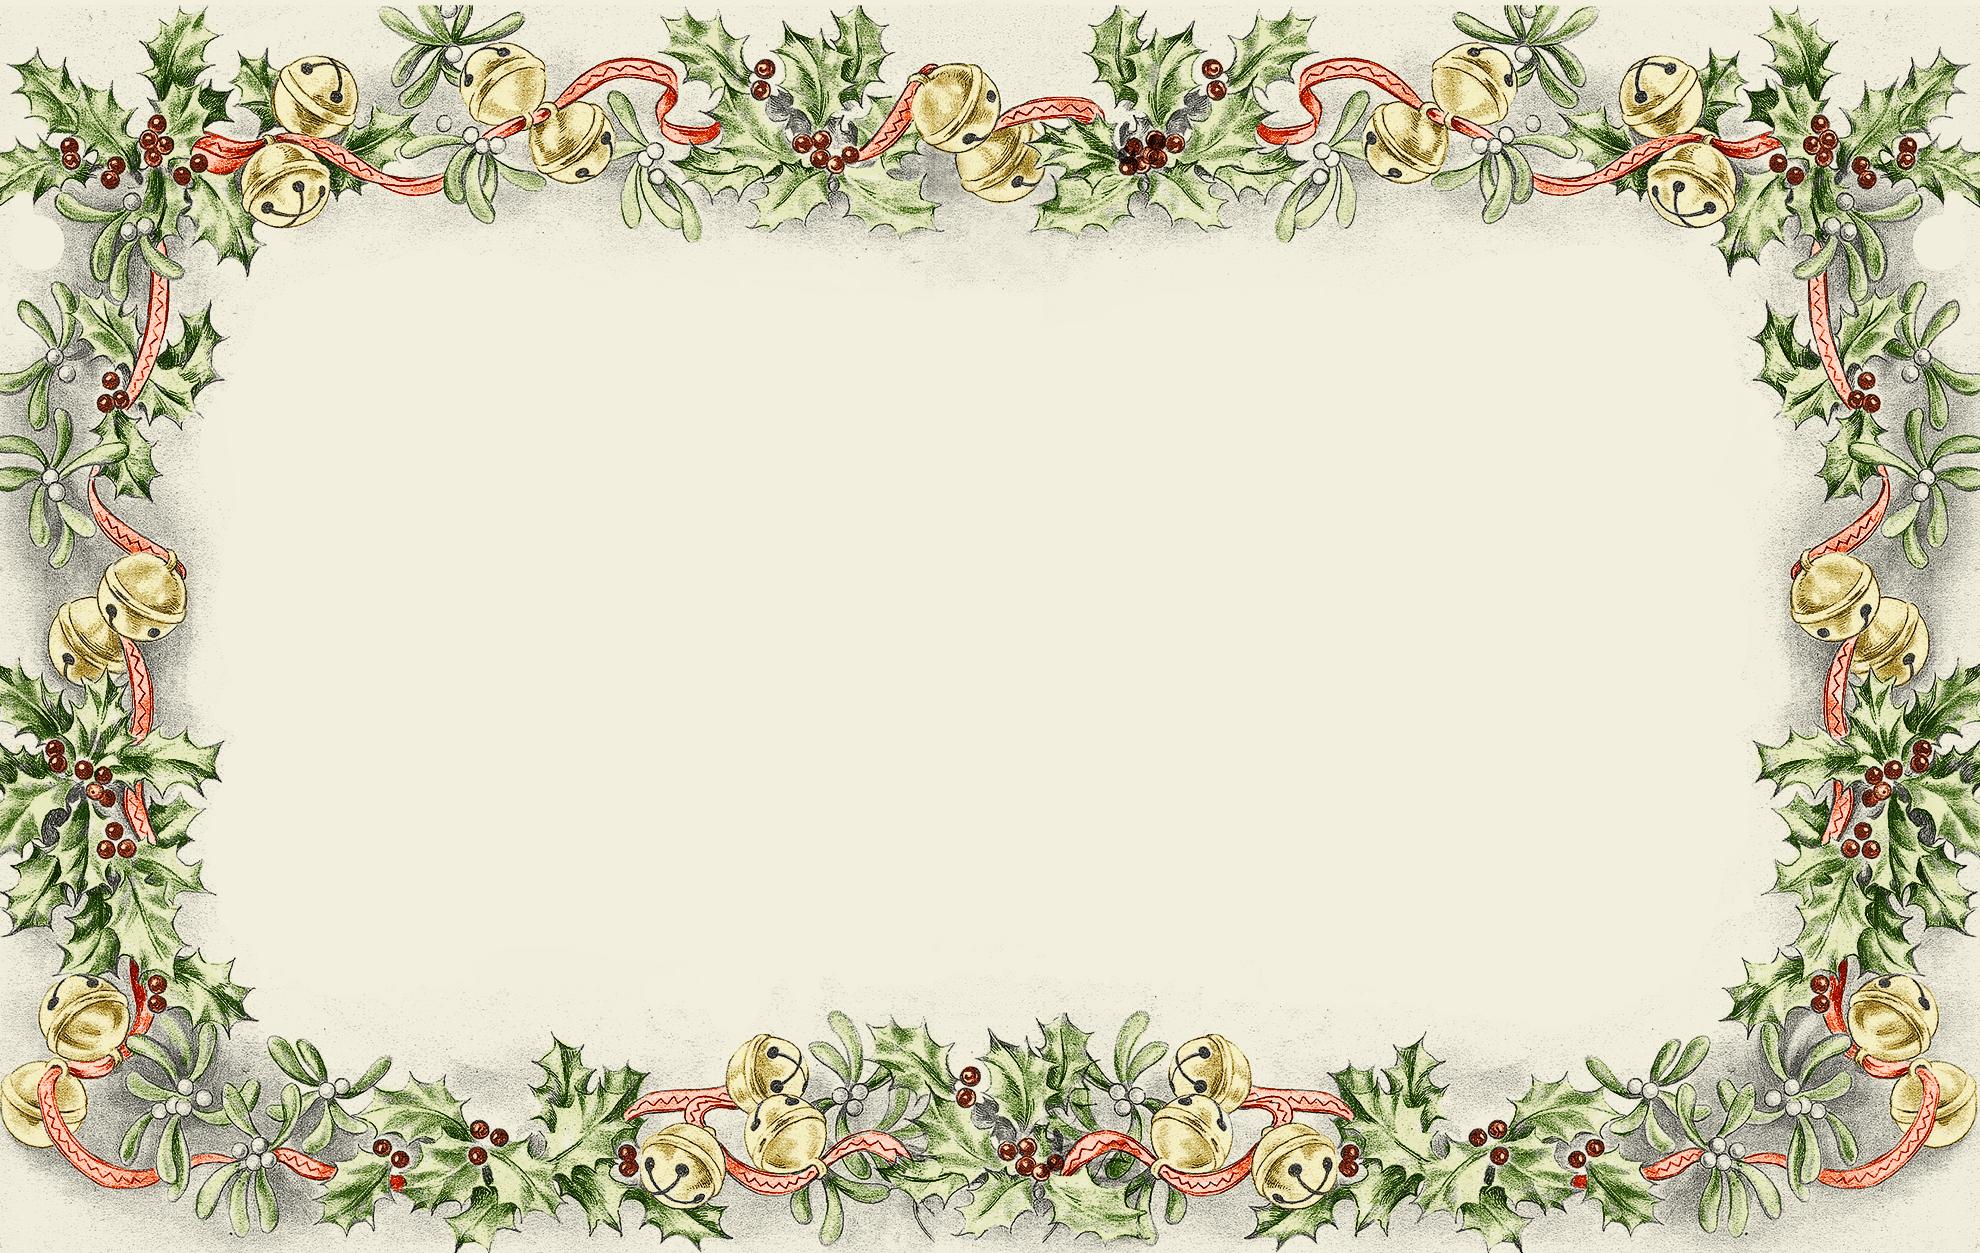 Christmas Borders and Frames